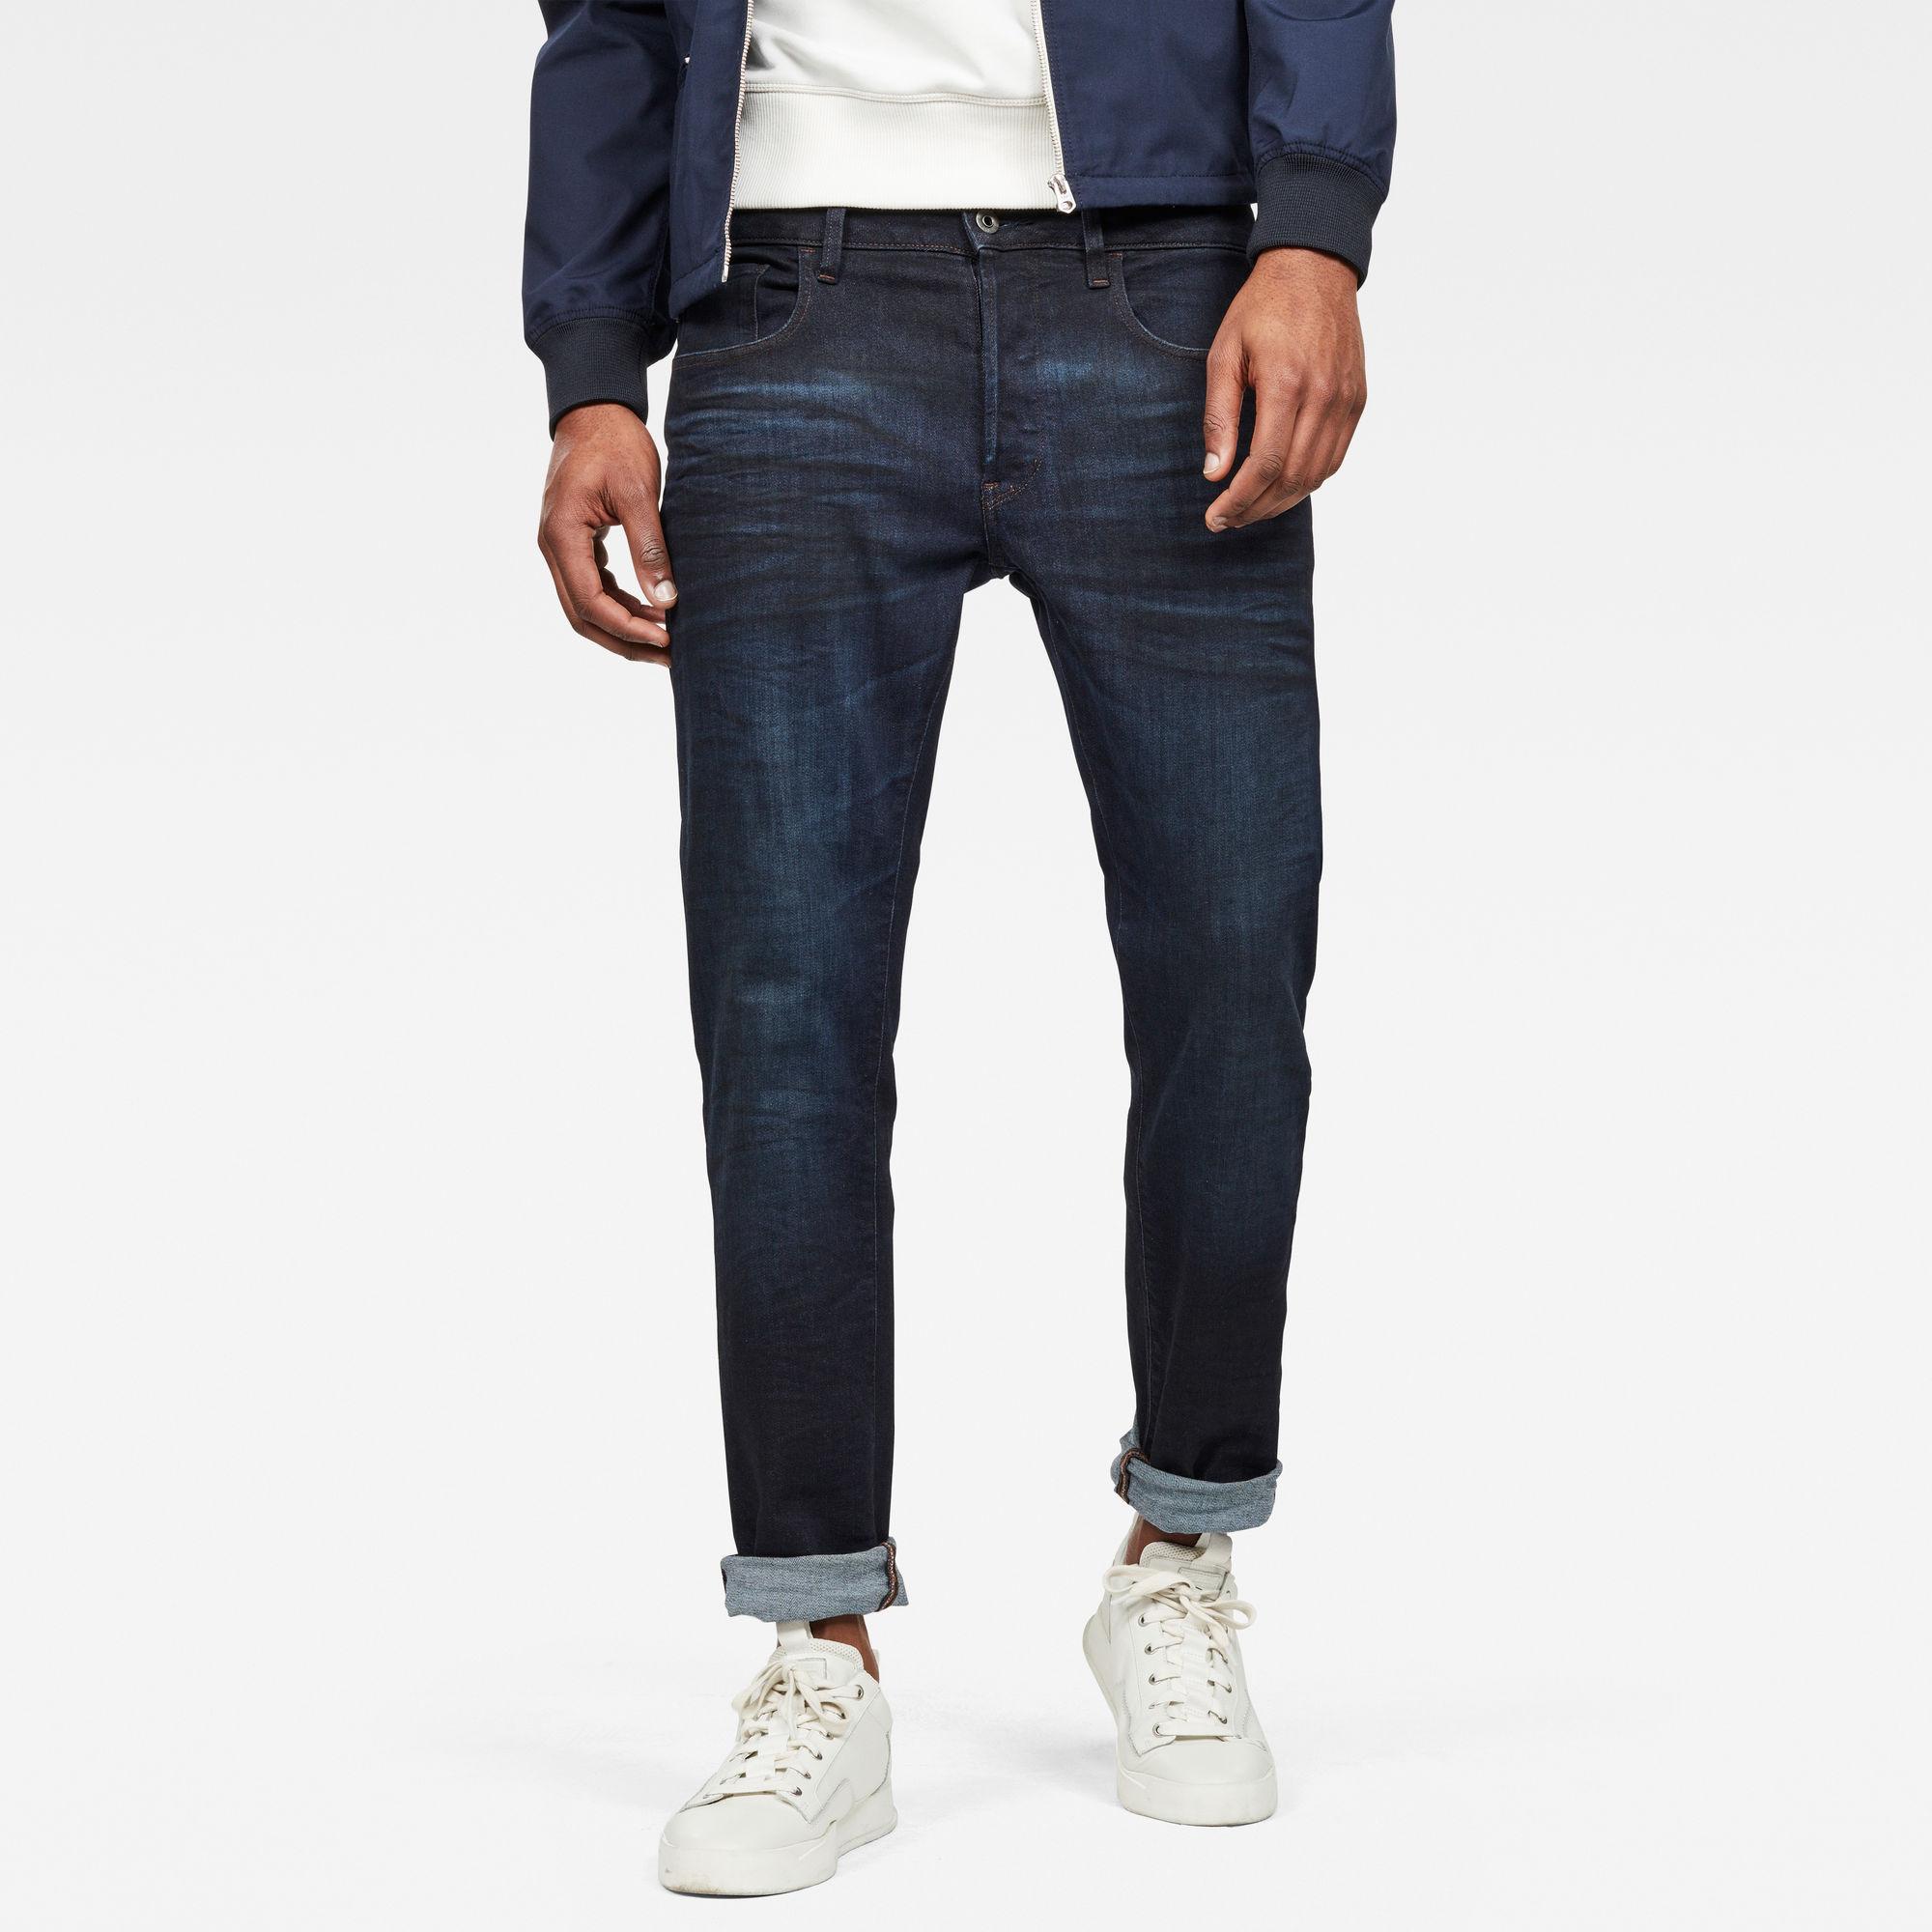 Van G Star Raw 3301 Deconstructed Slim Jeans Prijsvergelijk nu!